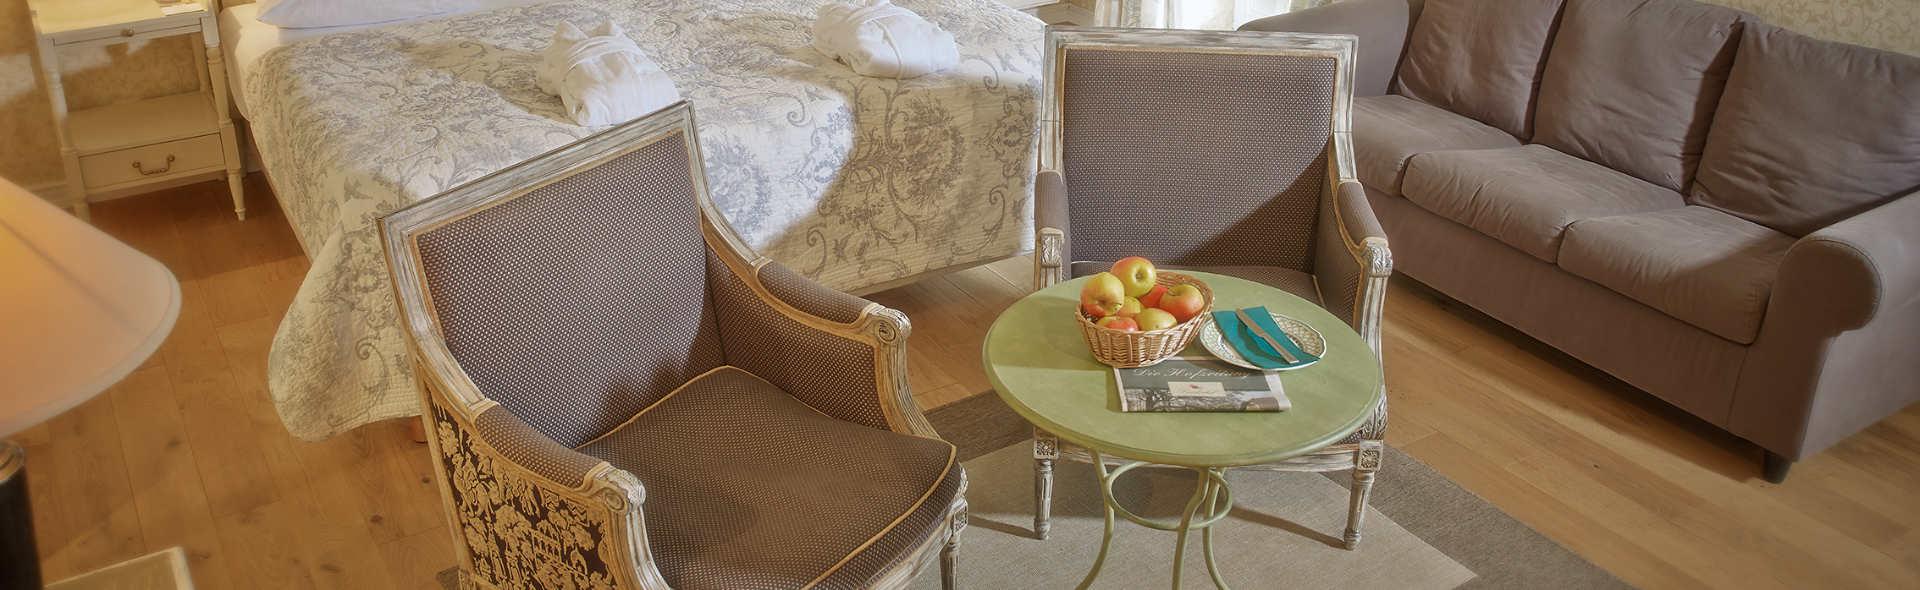 In einem Raum stehen ein Doppelbett, zwei kleine Sessel, eine Couch und ein Beistelltisch